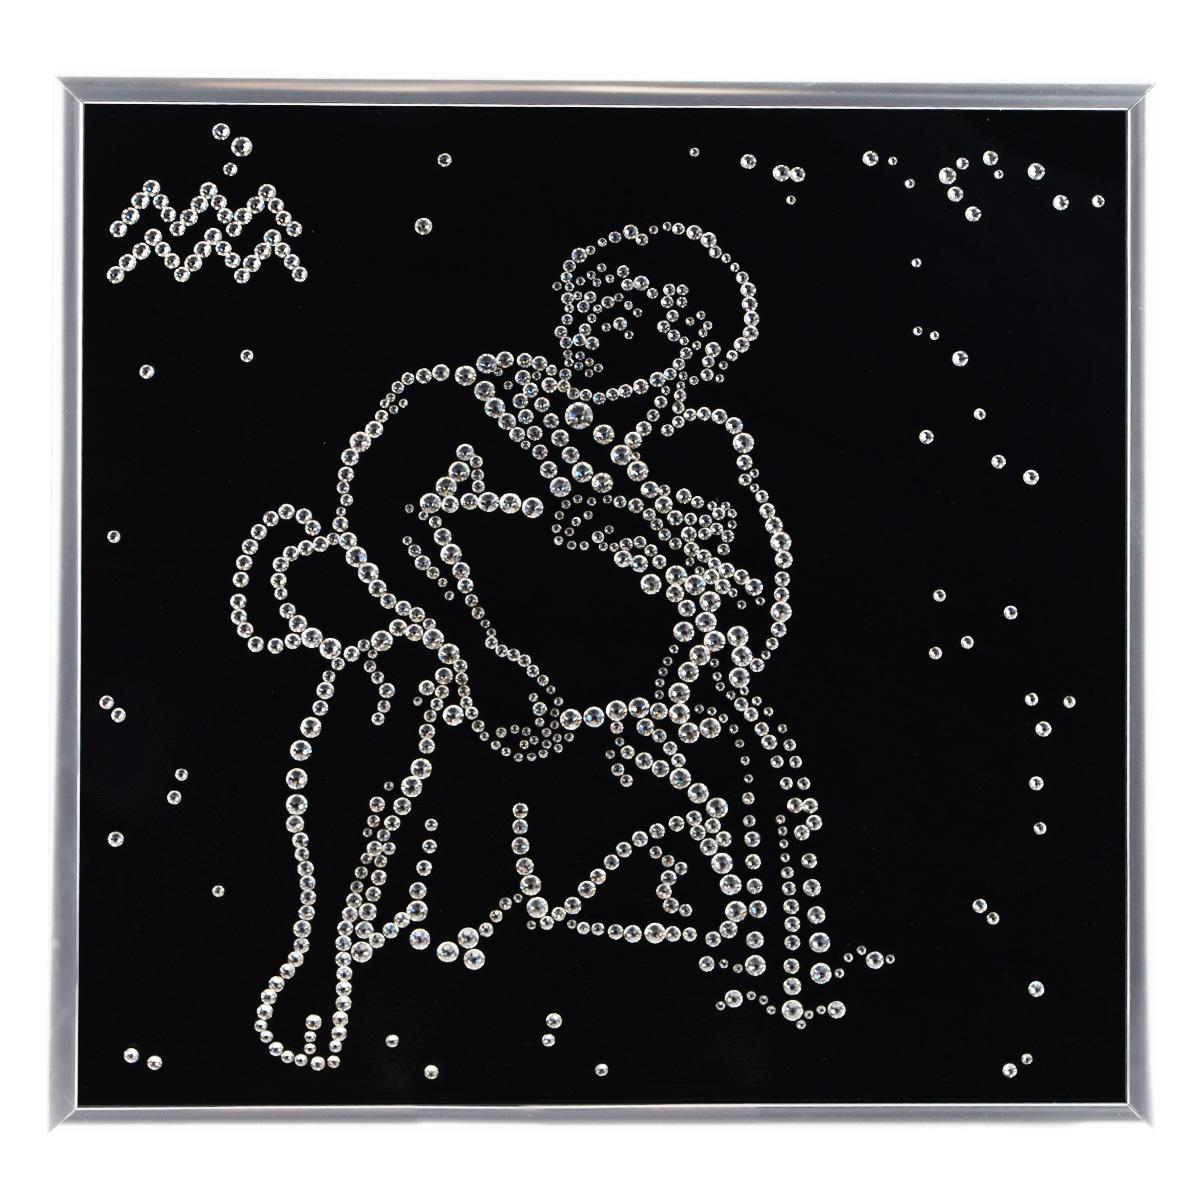 Картина с кристаллами Swarovski Знак зодиака. Водолей, 26 см х 26 смES-412Изящная картина в металлической раме, инкрустирована кристаллами Swarovski в виде знака зодиака - водолей. Кристаллы Swarovski отличаются четкой и ровной огранкой, ярким блеском и чистотой цвета. Под стеклом картина оформлена бархатистой тканью, что прекрасно дополняет блеск кристаллов. С обратной стороны имеется металлическая петелька для размещения картины на стене. Картина с кристаллами Swarovski Знак зодиака. Водолей элегантно украсит интерьер дома или офиса, а также станет прекрасным подарком, который обязательно понравится получателю. Блеск кристаллов в интерьере, что может быть сказочнее и удивительнее. Картина упакована в подарочную картонную коробку синего цвета и комплектуется сертификатом соответствия Swarovski.